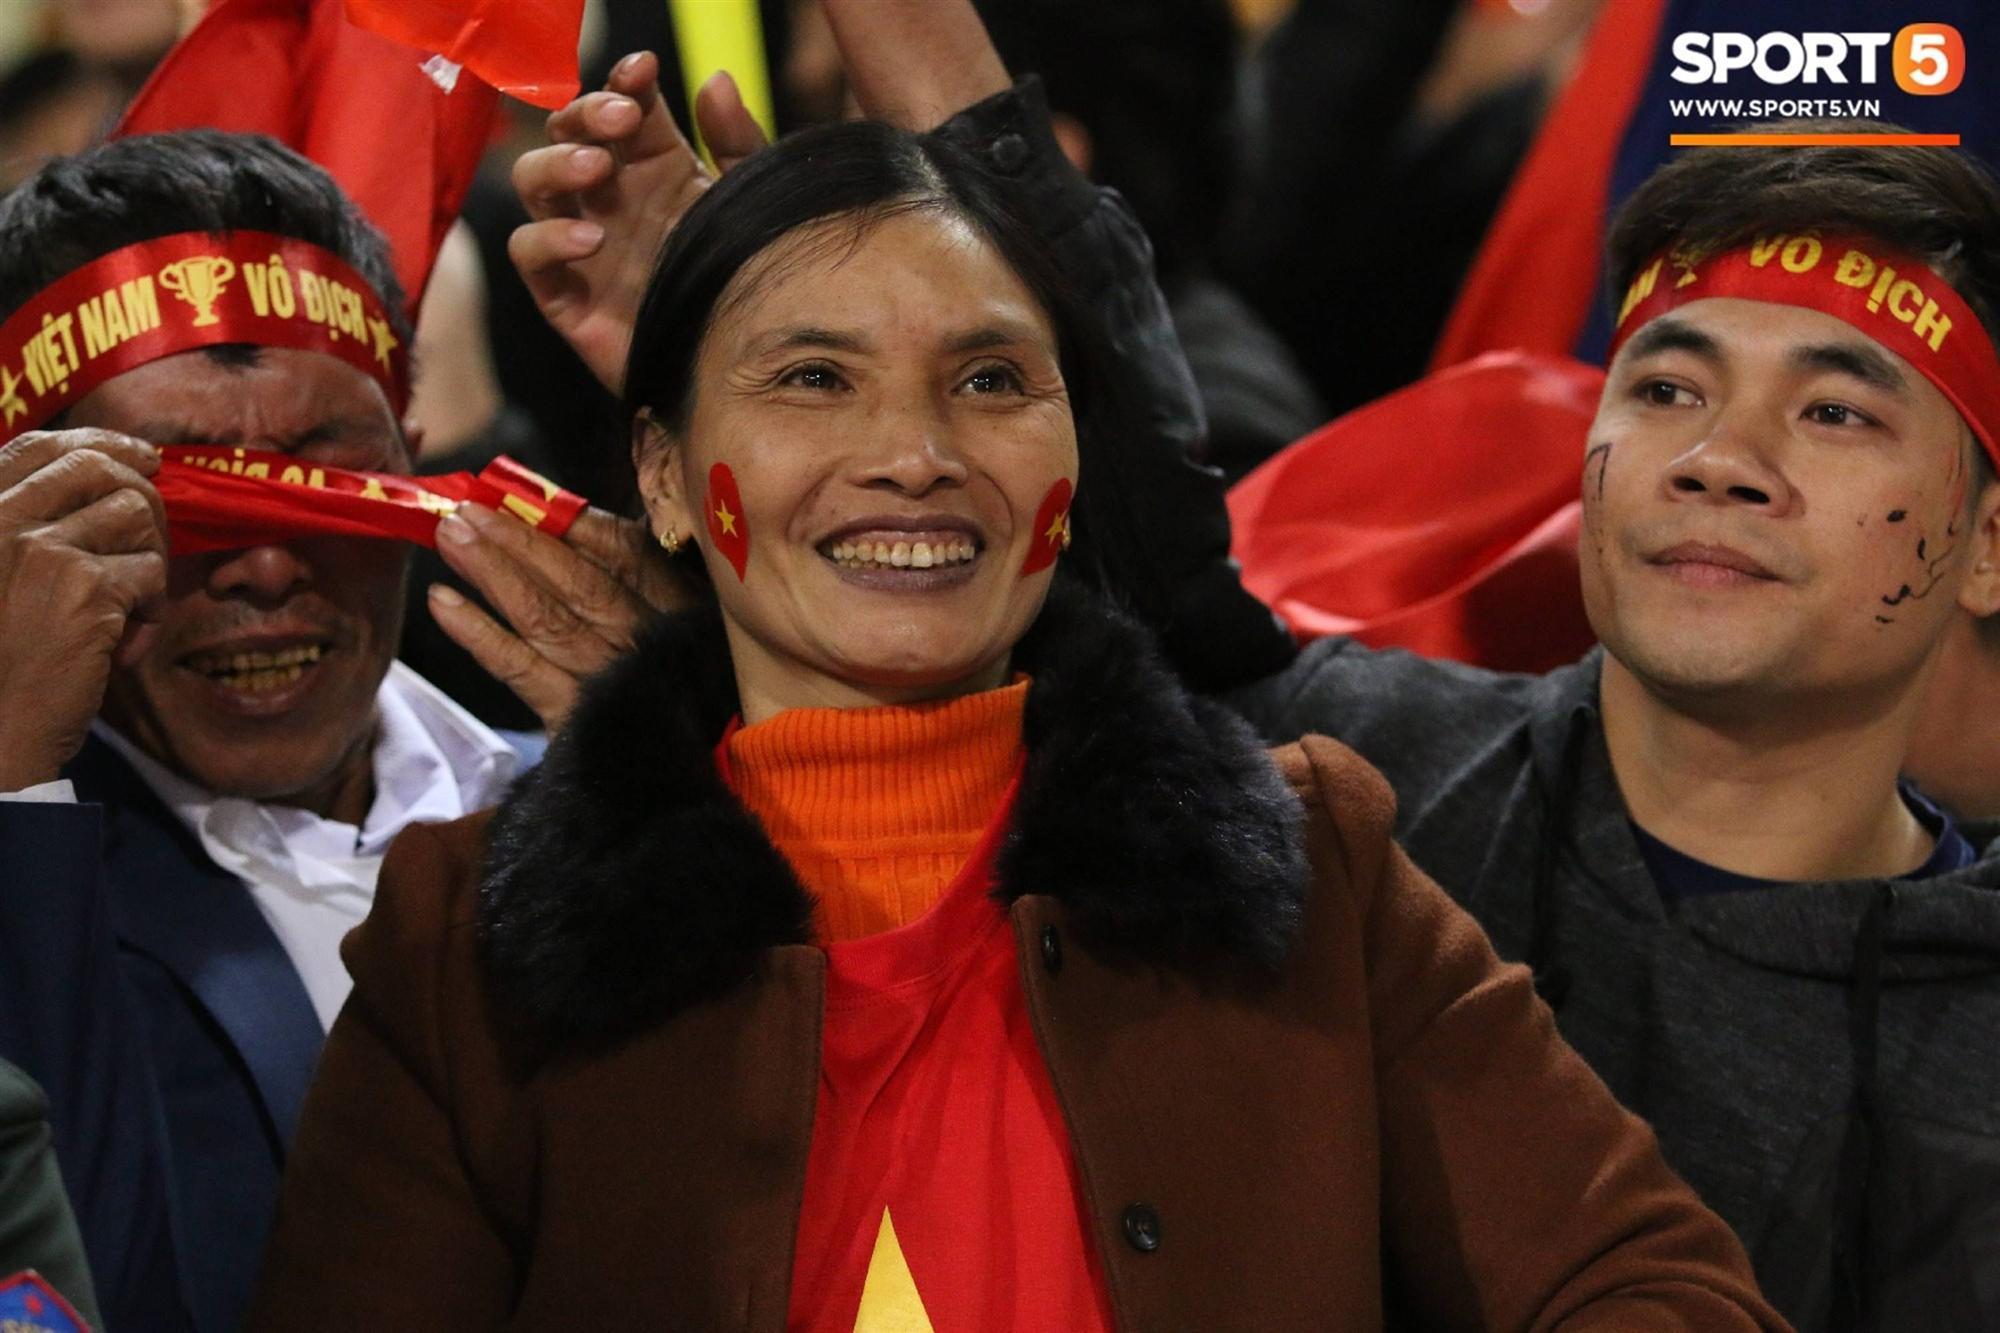 Cậu út ĐT Việt Nam bật khóc trong vòng tay bố mẹ-5